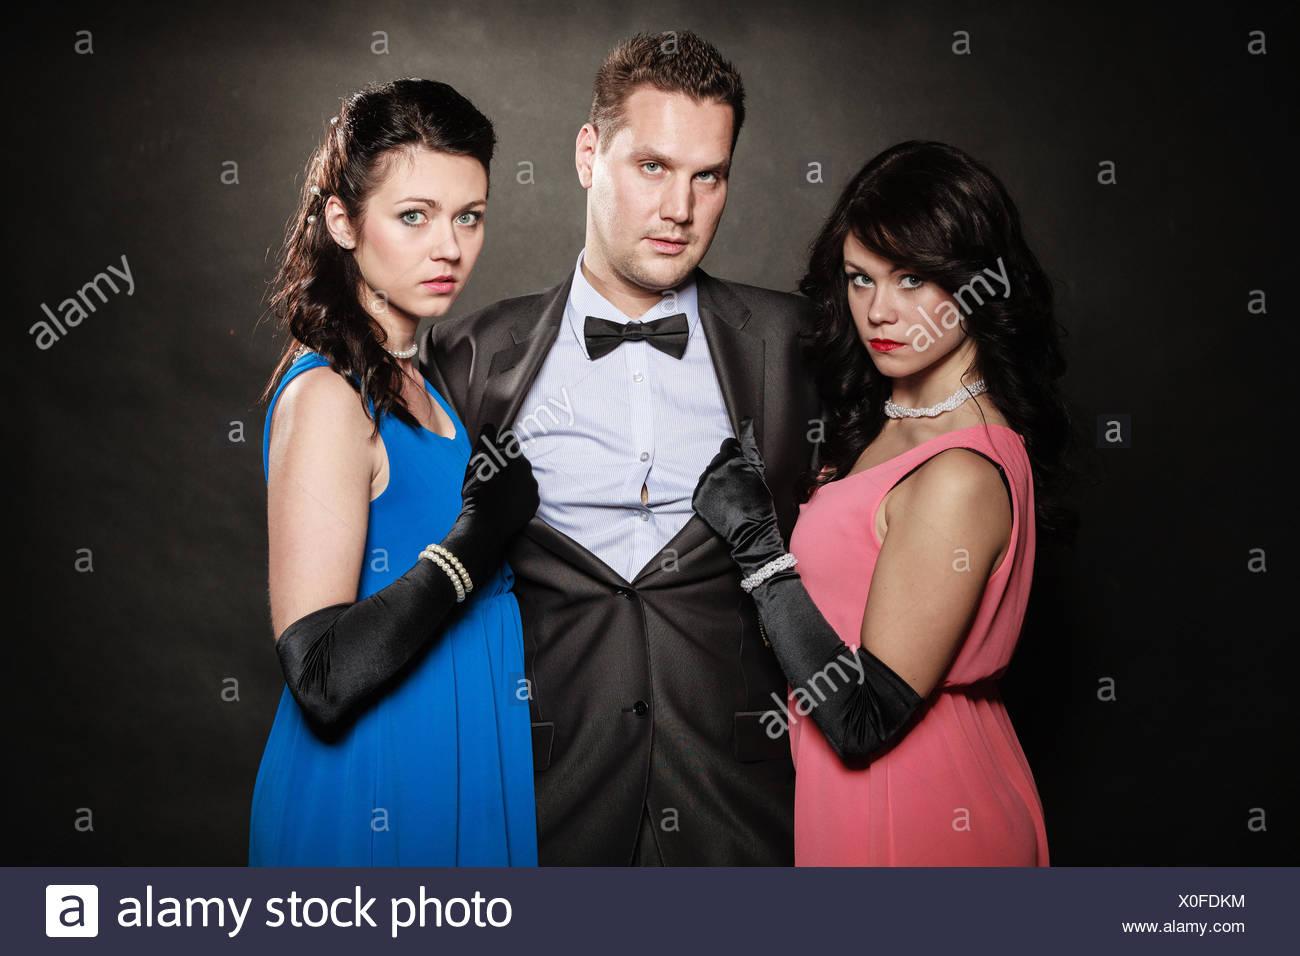 Dreiecks-Liebesgeschichte. Porträt von zwei Frauen und ein Mann ...